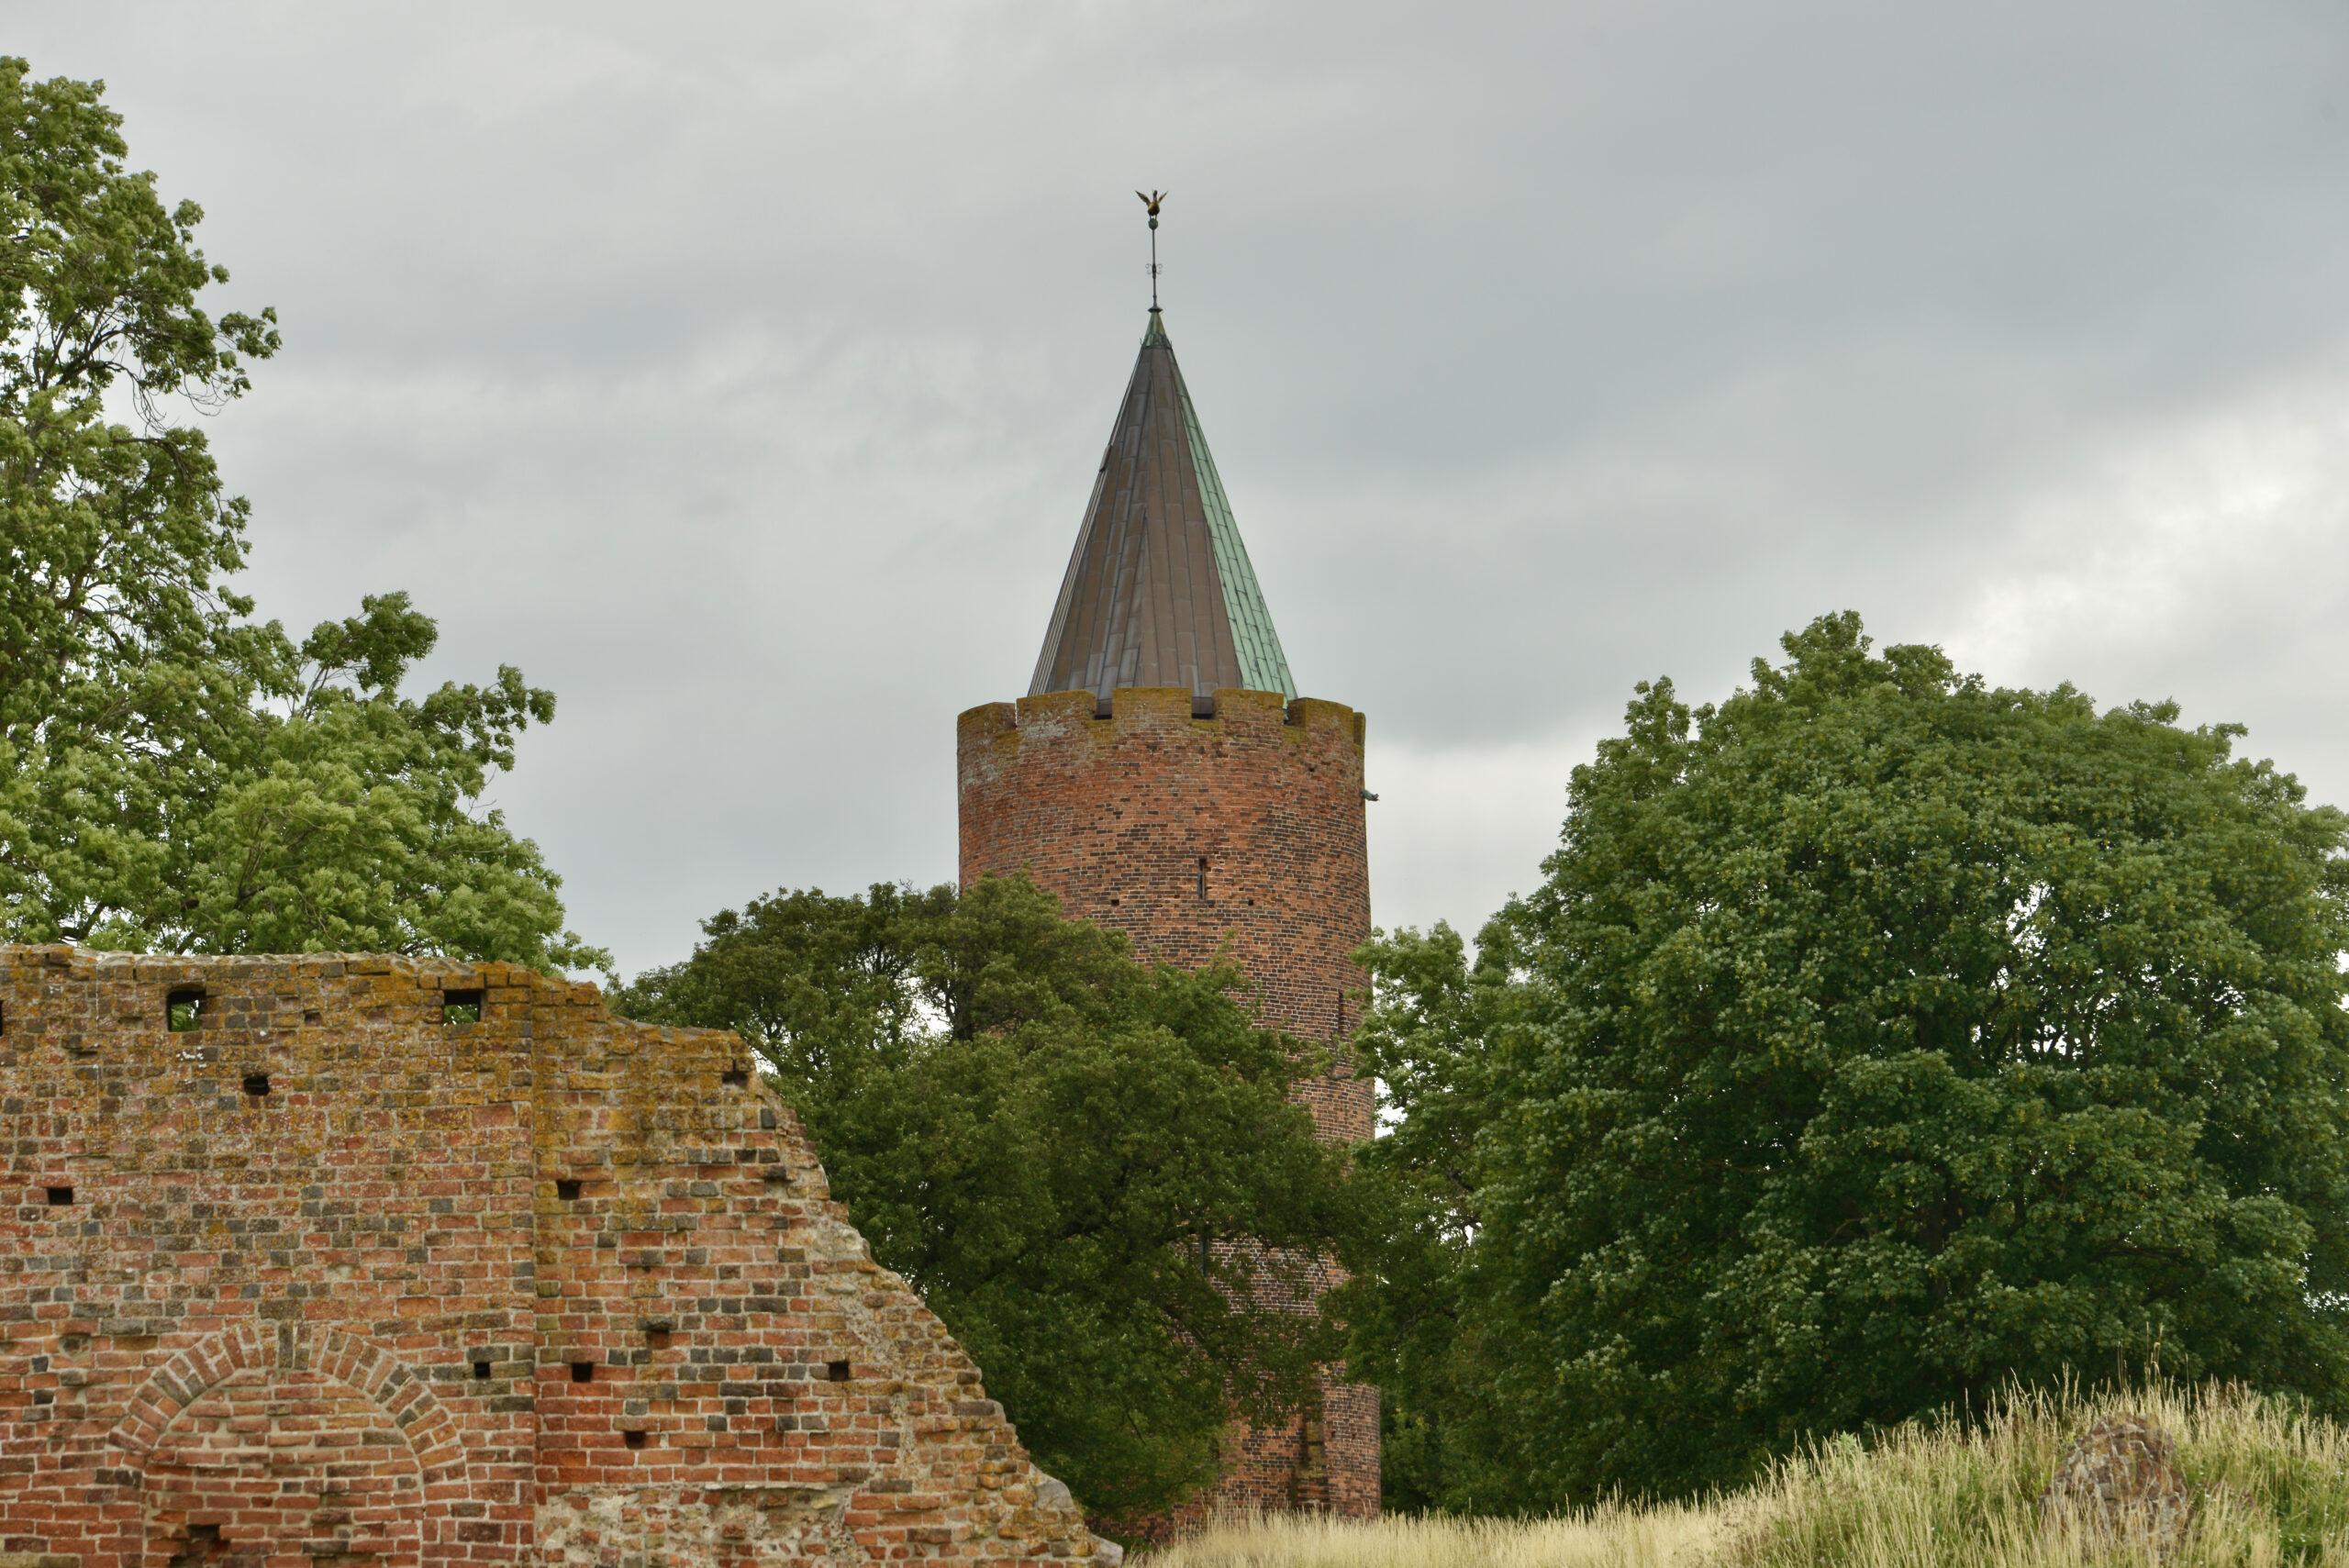 Gęsia Wieża w Vordingborgu czyli Gåsetårnet i Vordingborg- Quiz